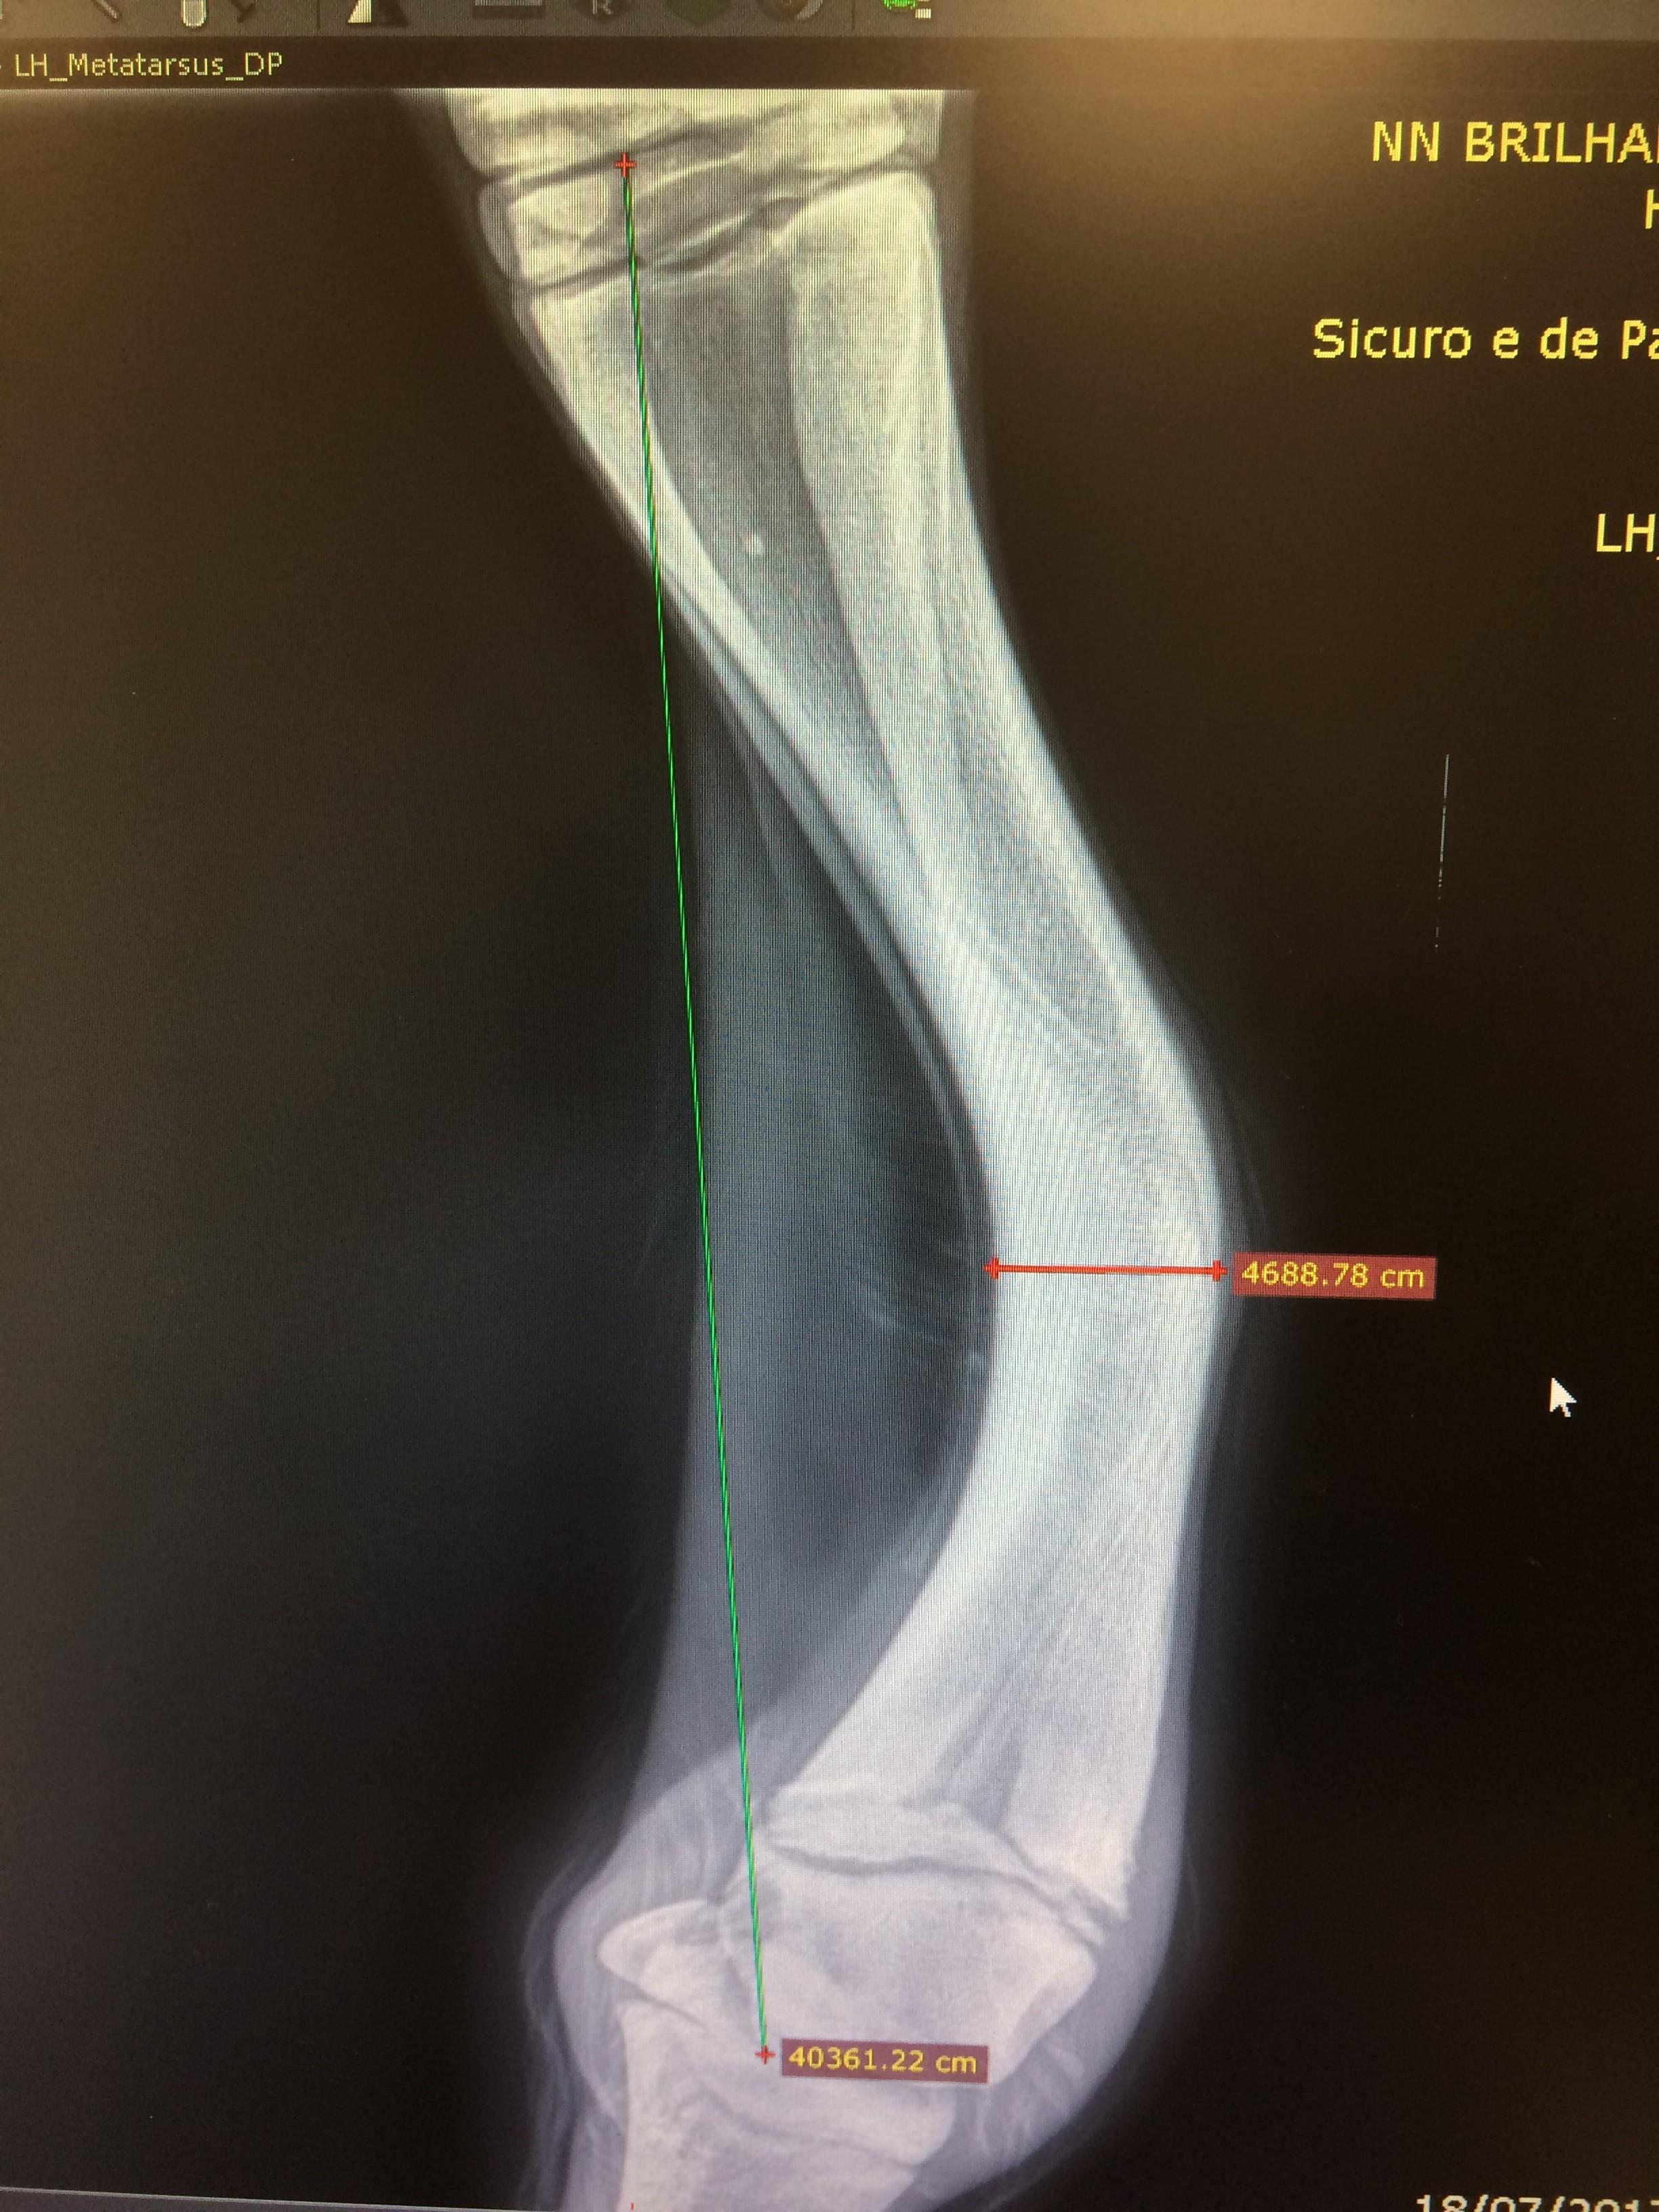 Raio-X mostra a deformação óssea da potra Bailarina antes da cirurgia (Foto: Divulgação)